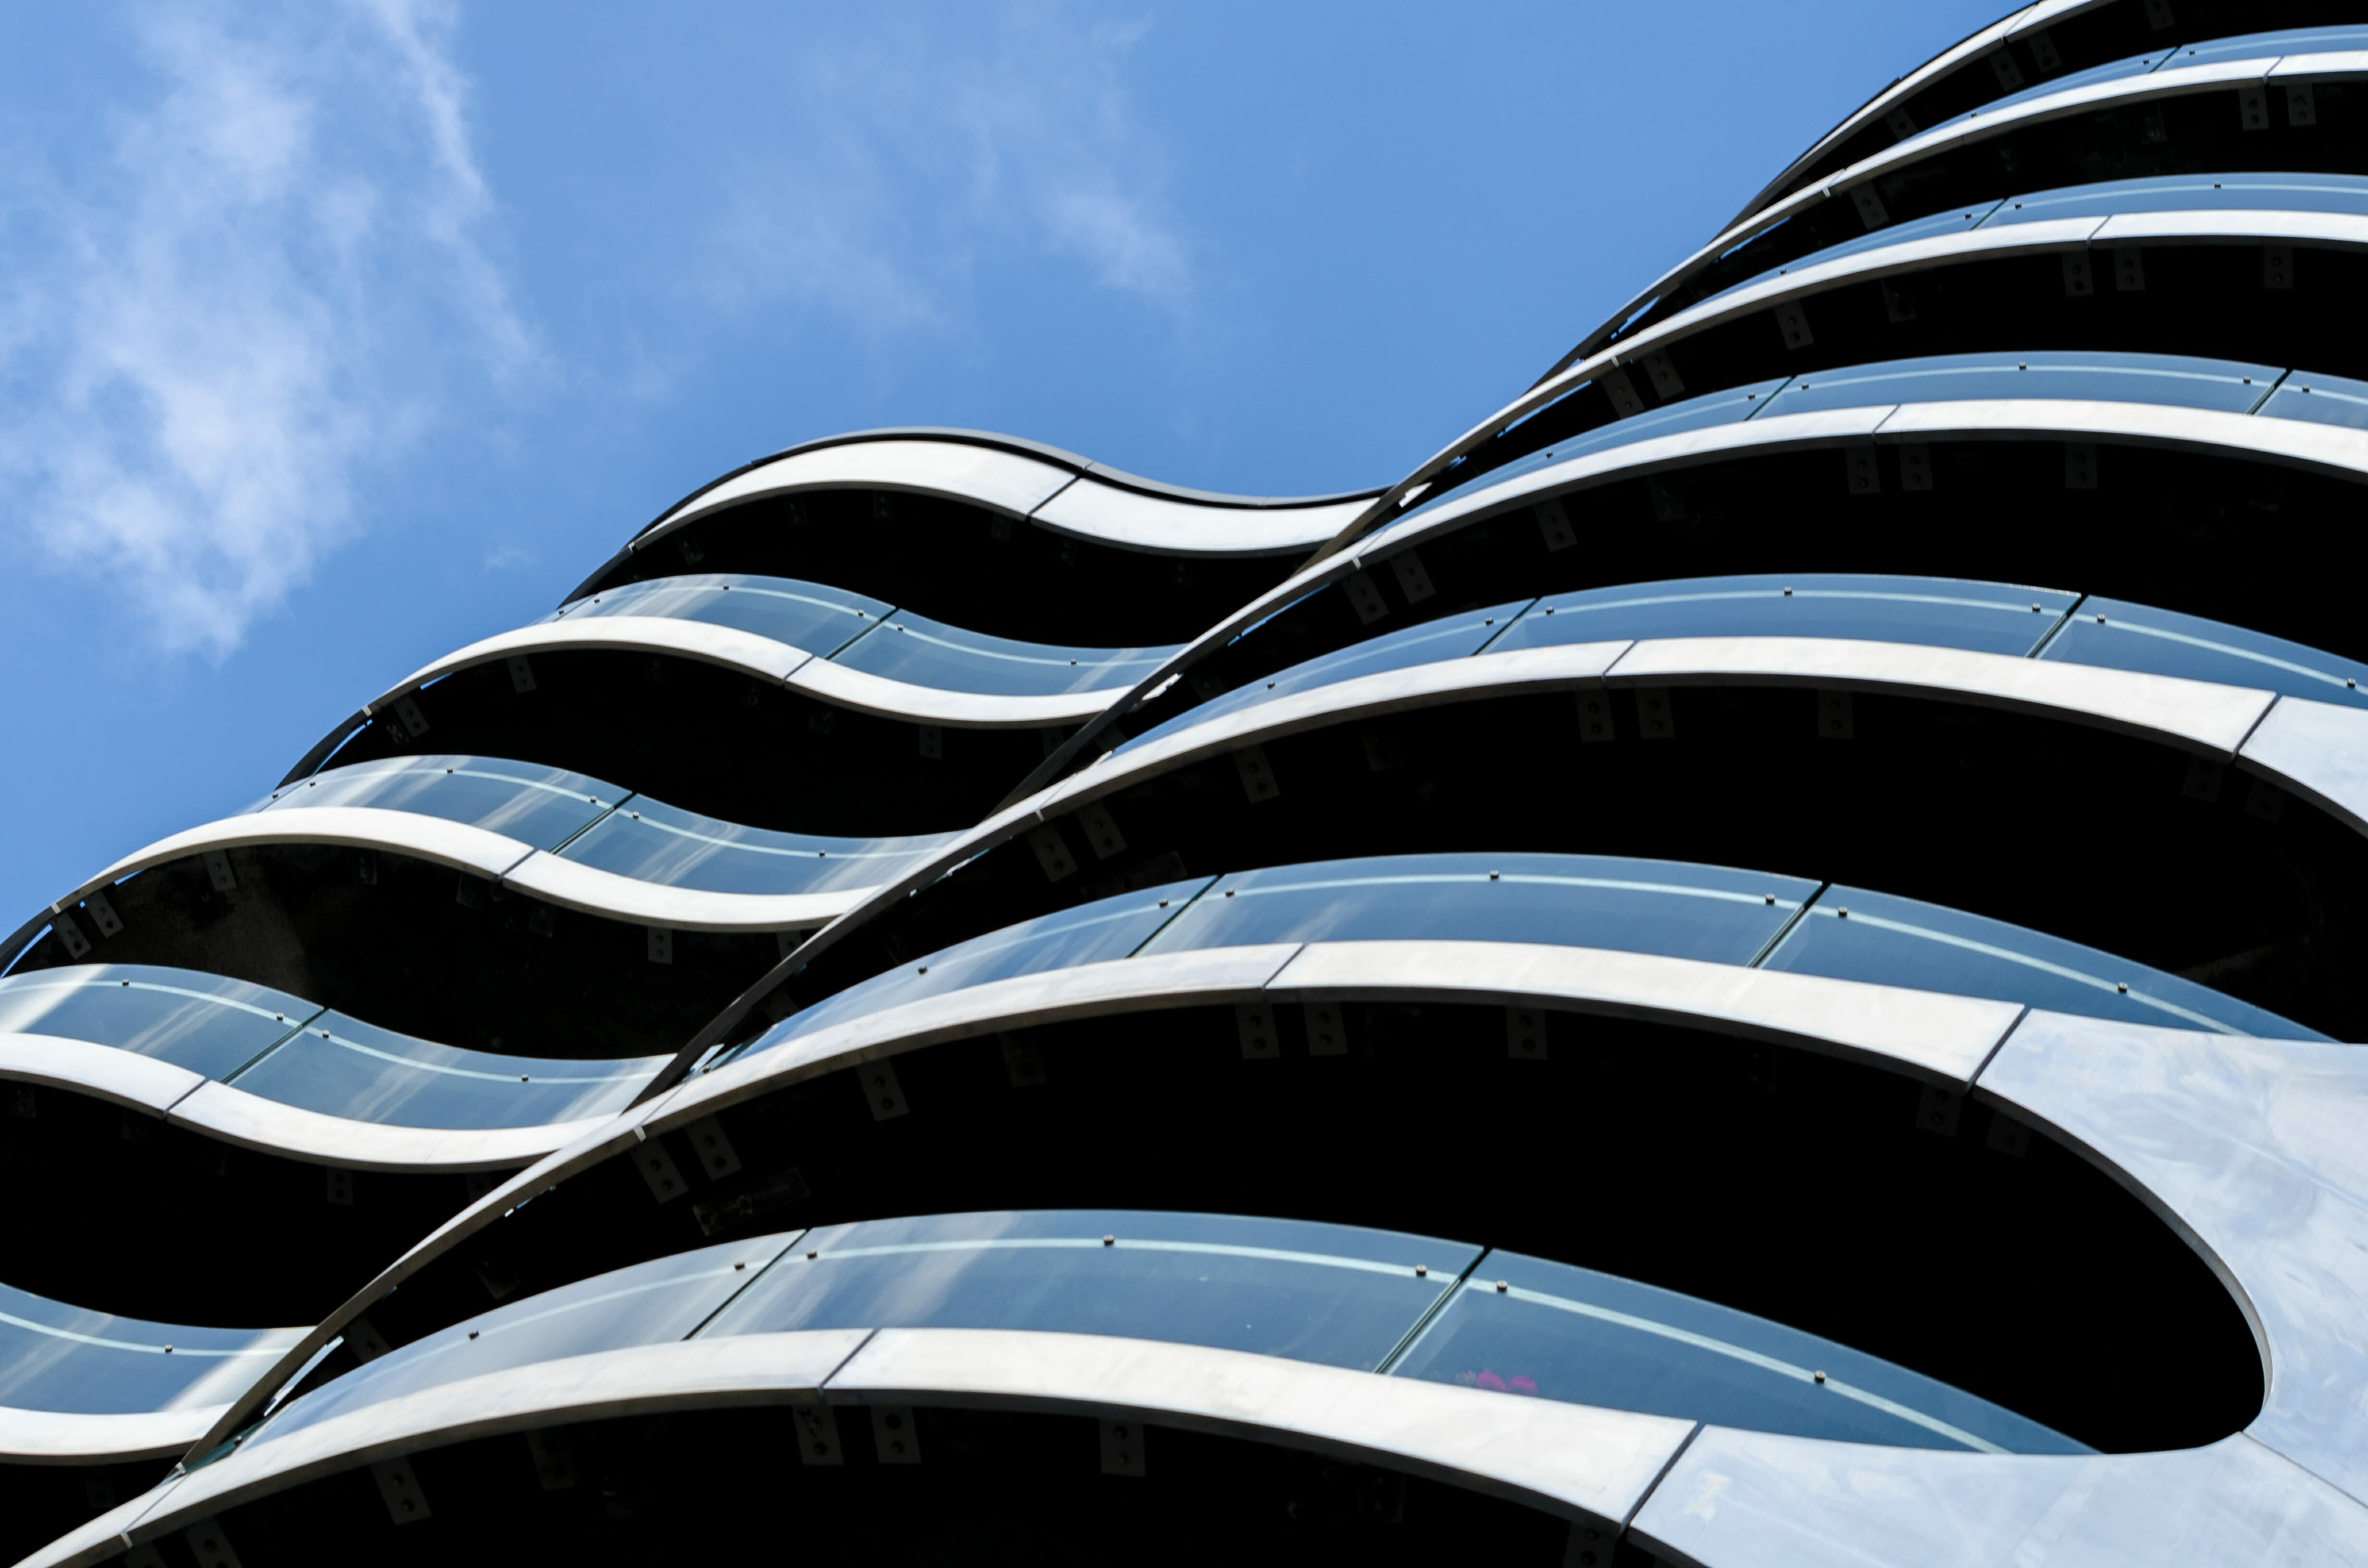 Nieskończone balkony-w niebo- zdjęcia architektury